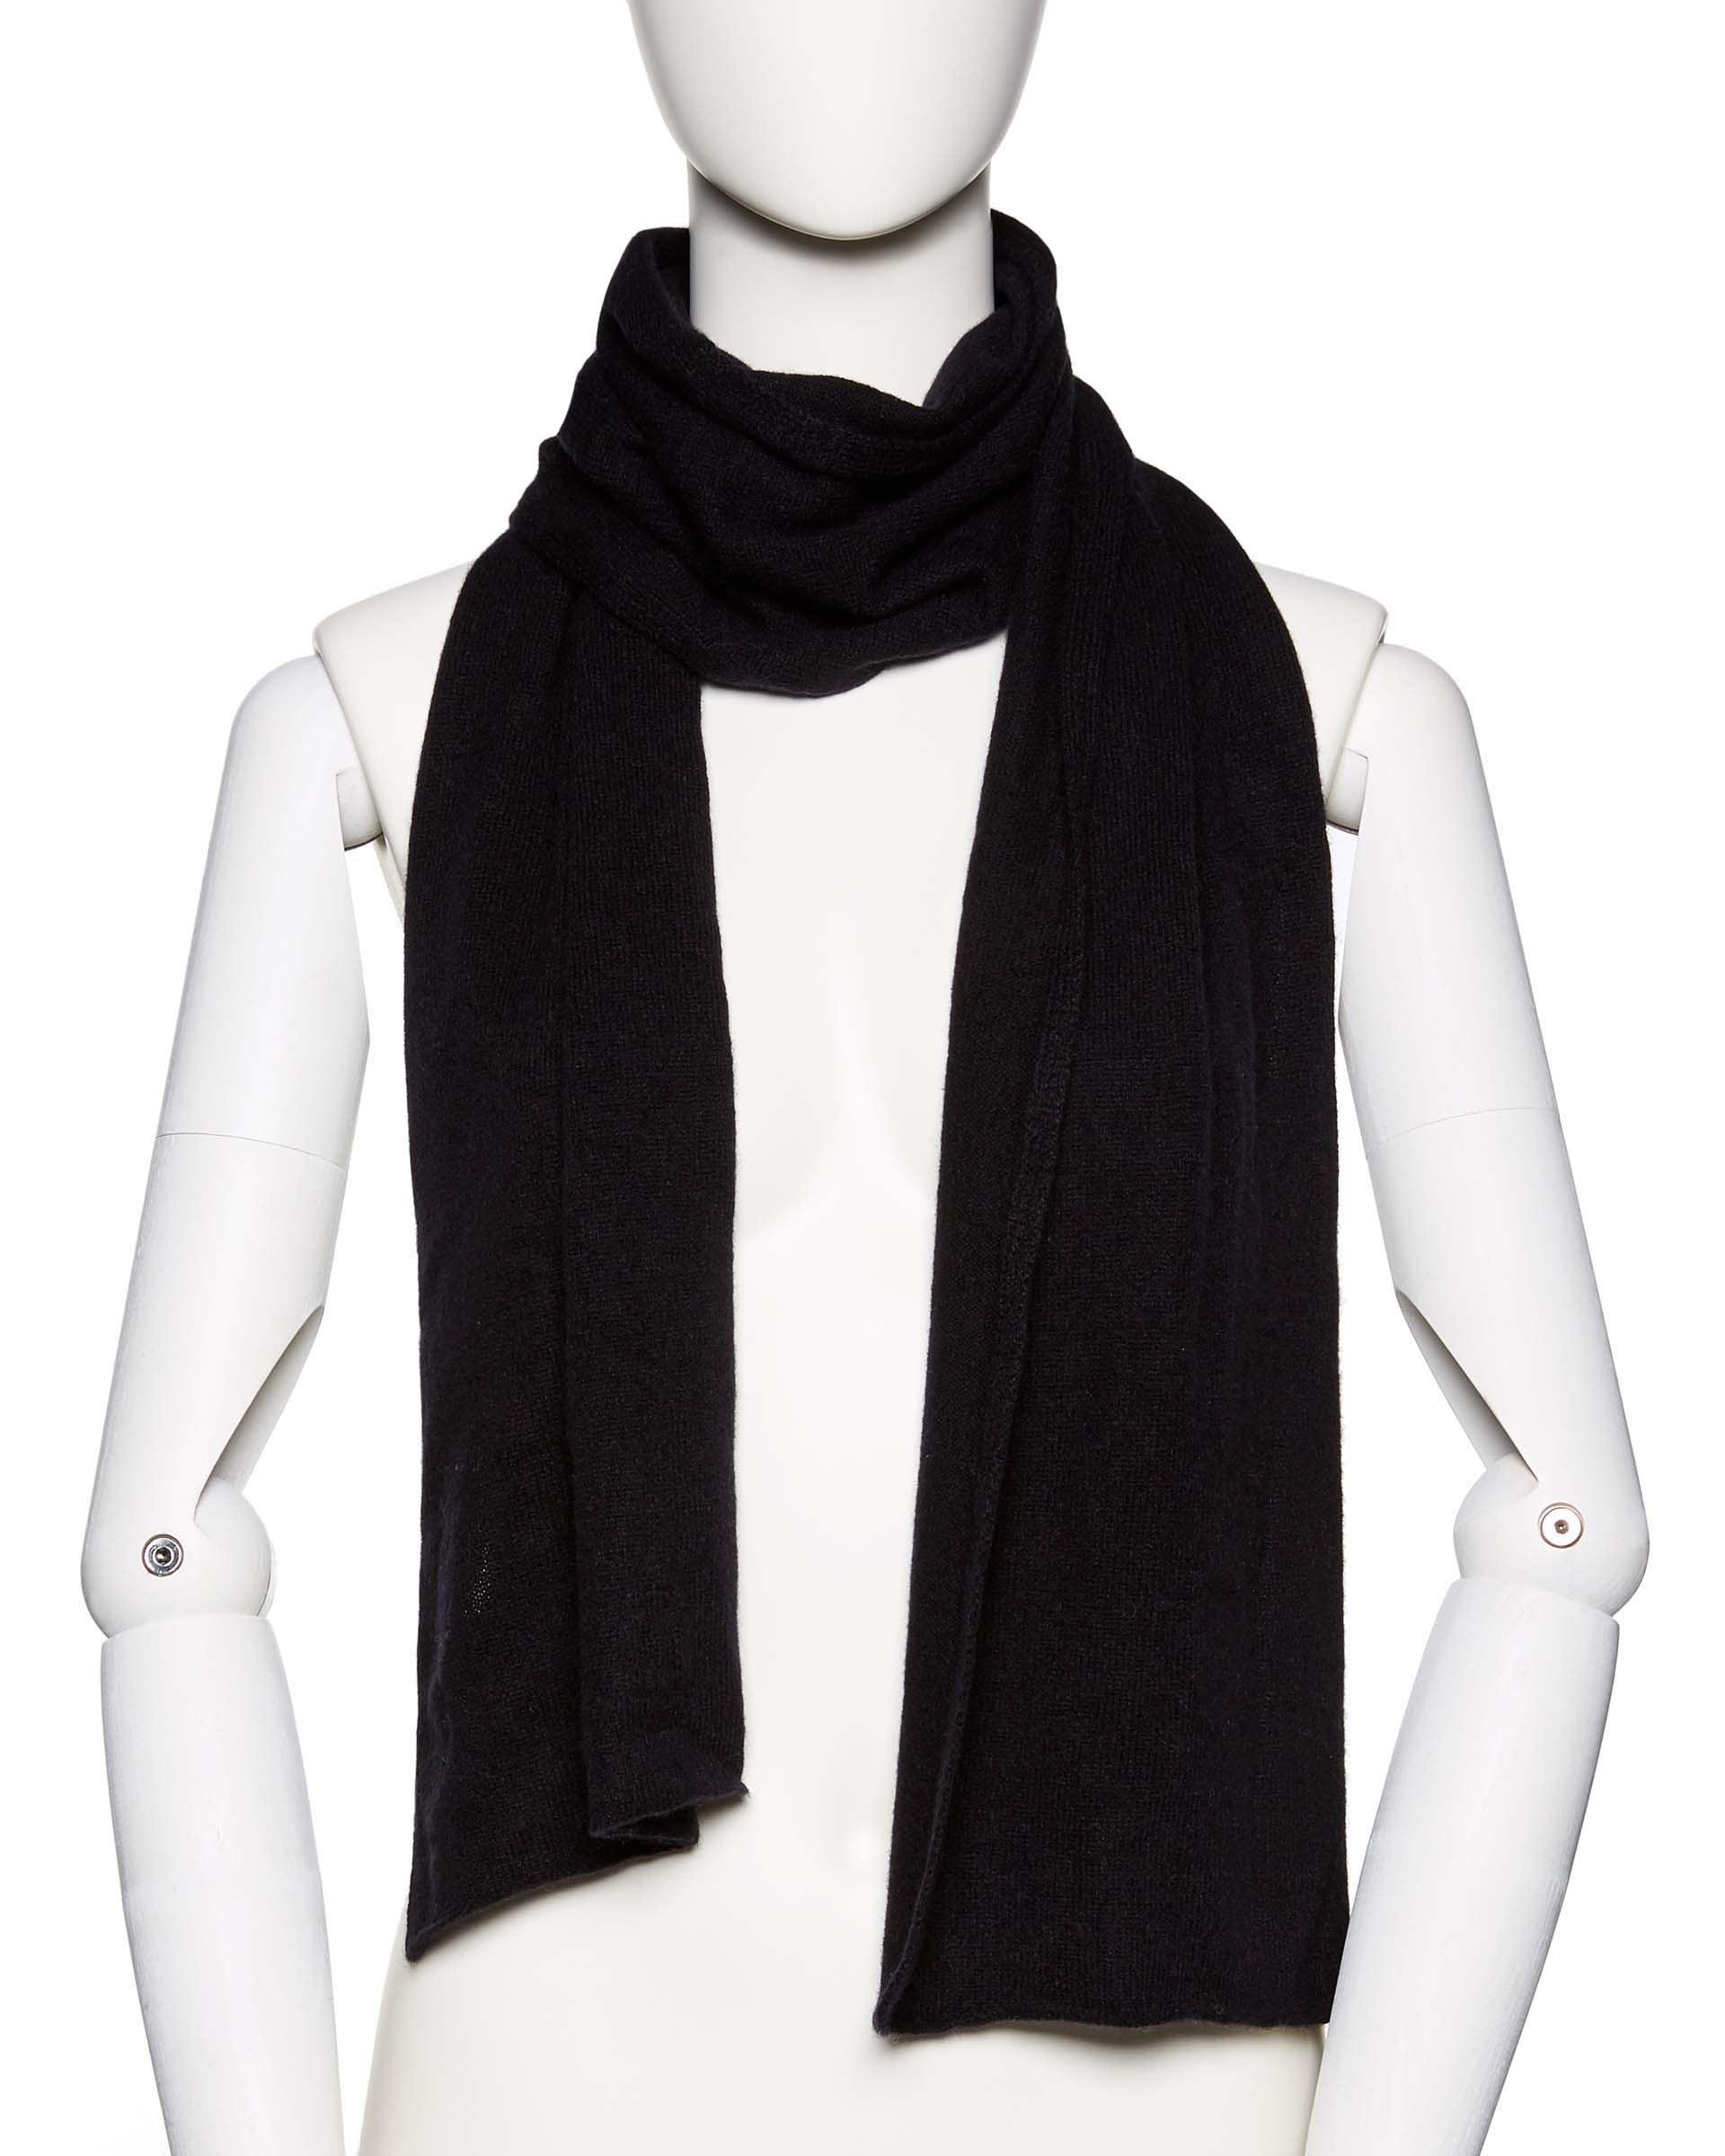 ШарфПлатки и шарфы<br>Шарф из мягкого кашемирового трикотажа. Универсальный размер. Размеры: 160*27 см.<br>Цвет: Черный; Размер: OS;